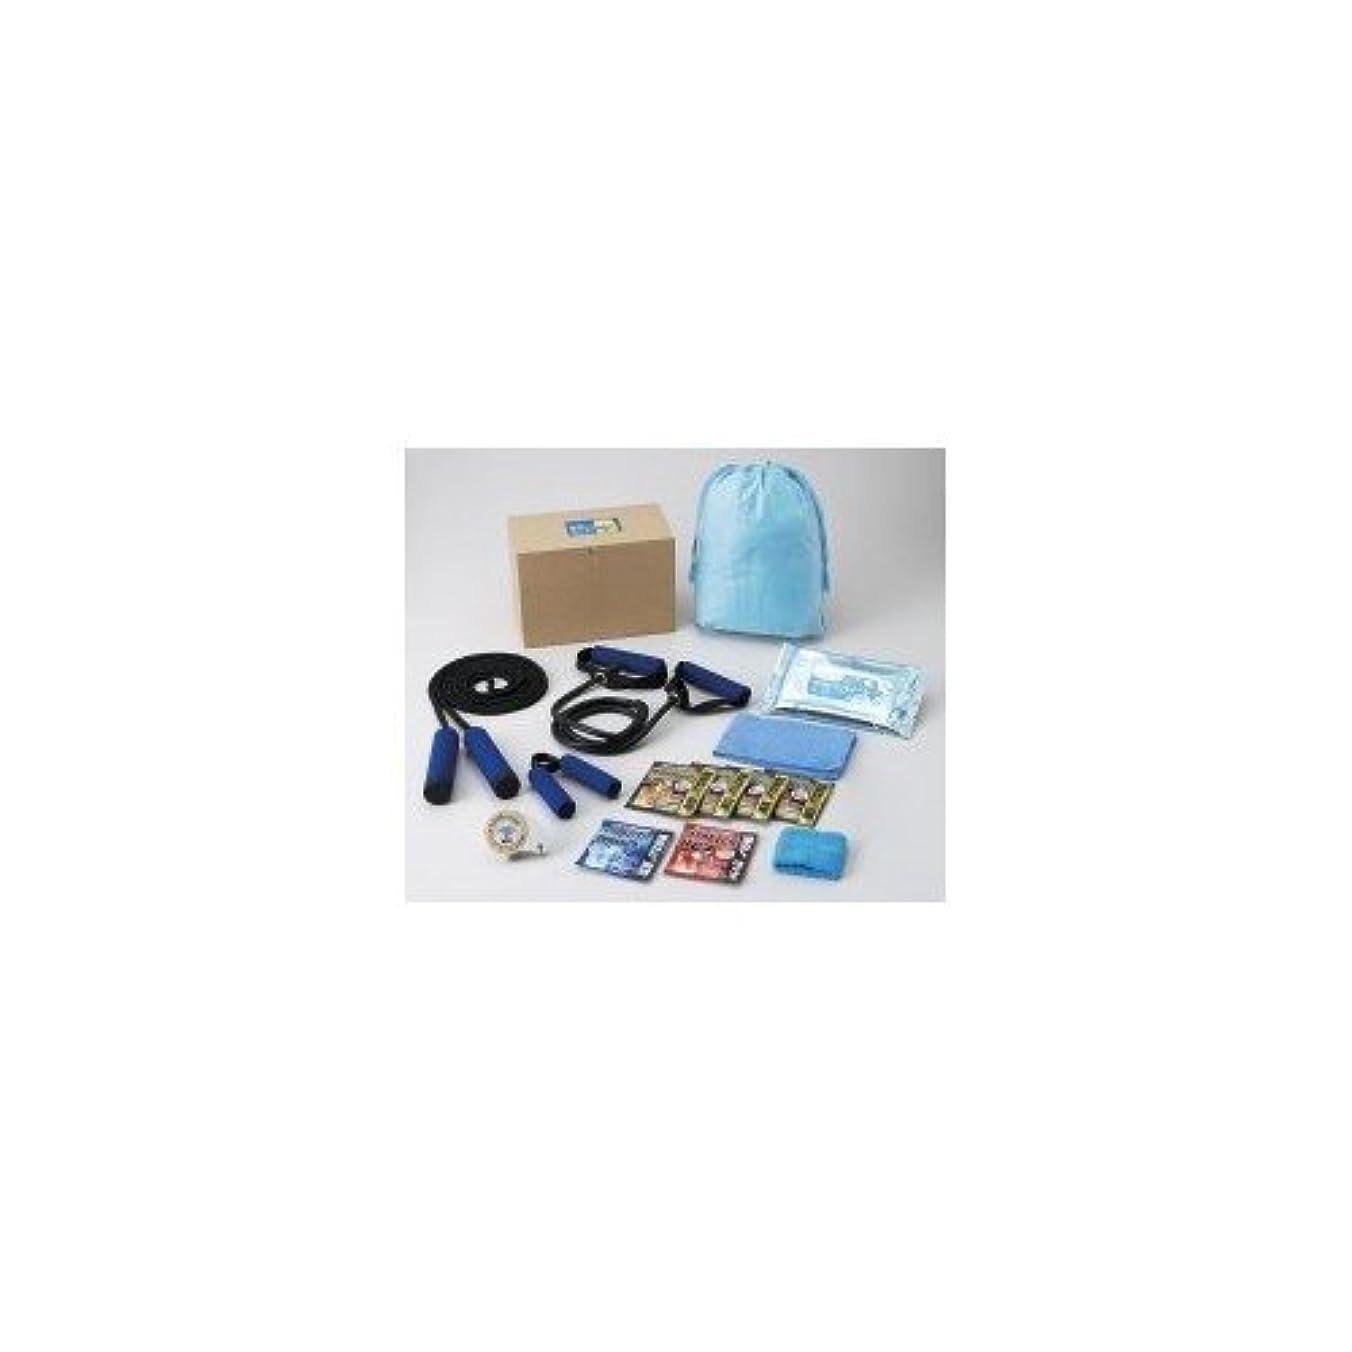 ポジティブコーヒーマッサージ健康エクササイズ ボディケアセット504 55-504